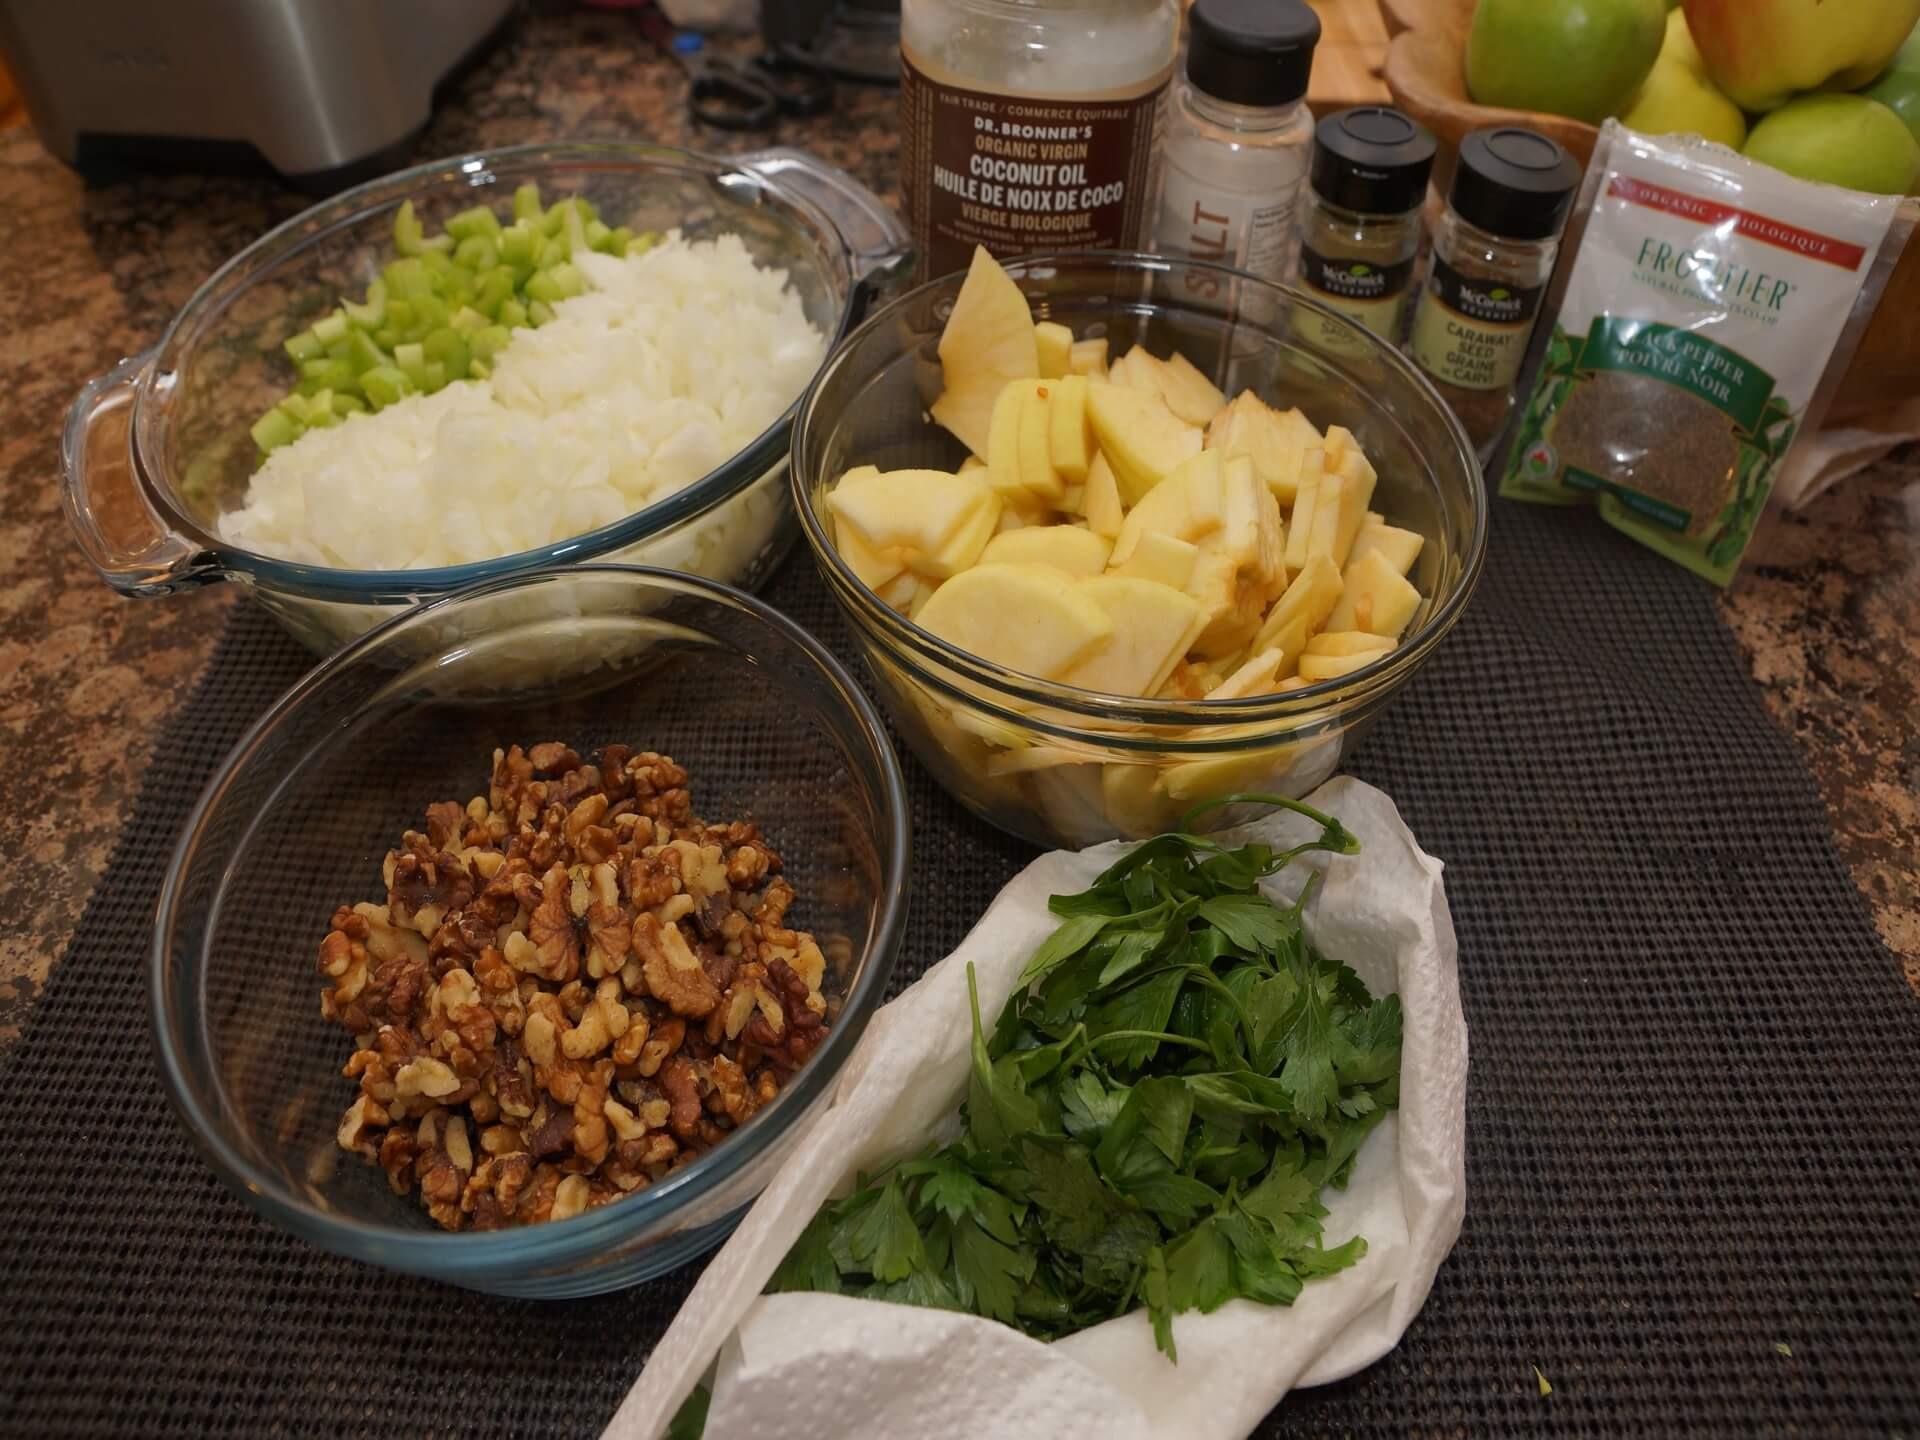 Vegan Carb Free Recipes  Recipe Dr Jiwani's Low Carb Vegan Stuffing Gluten Free